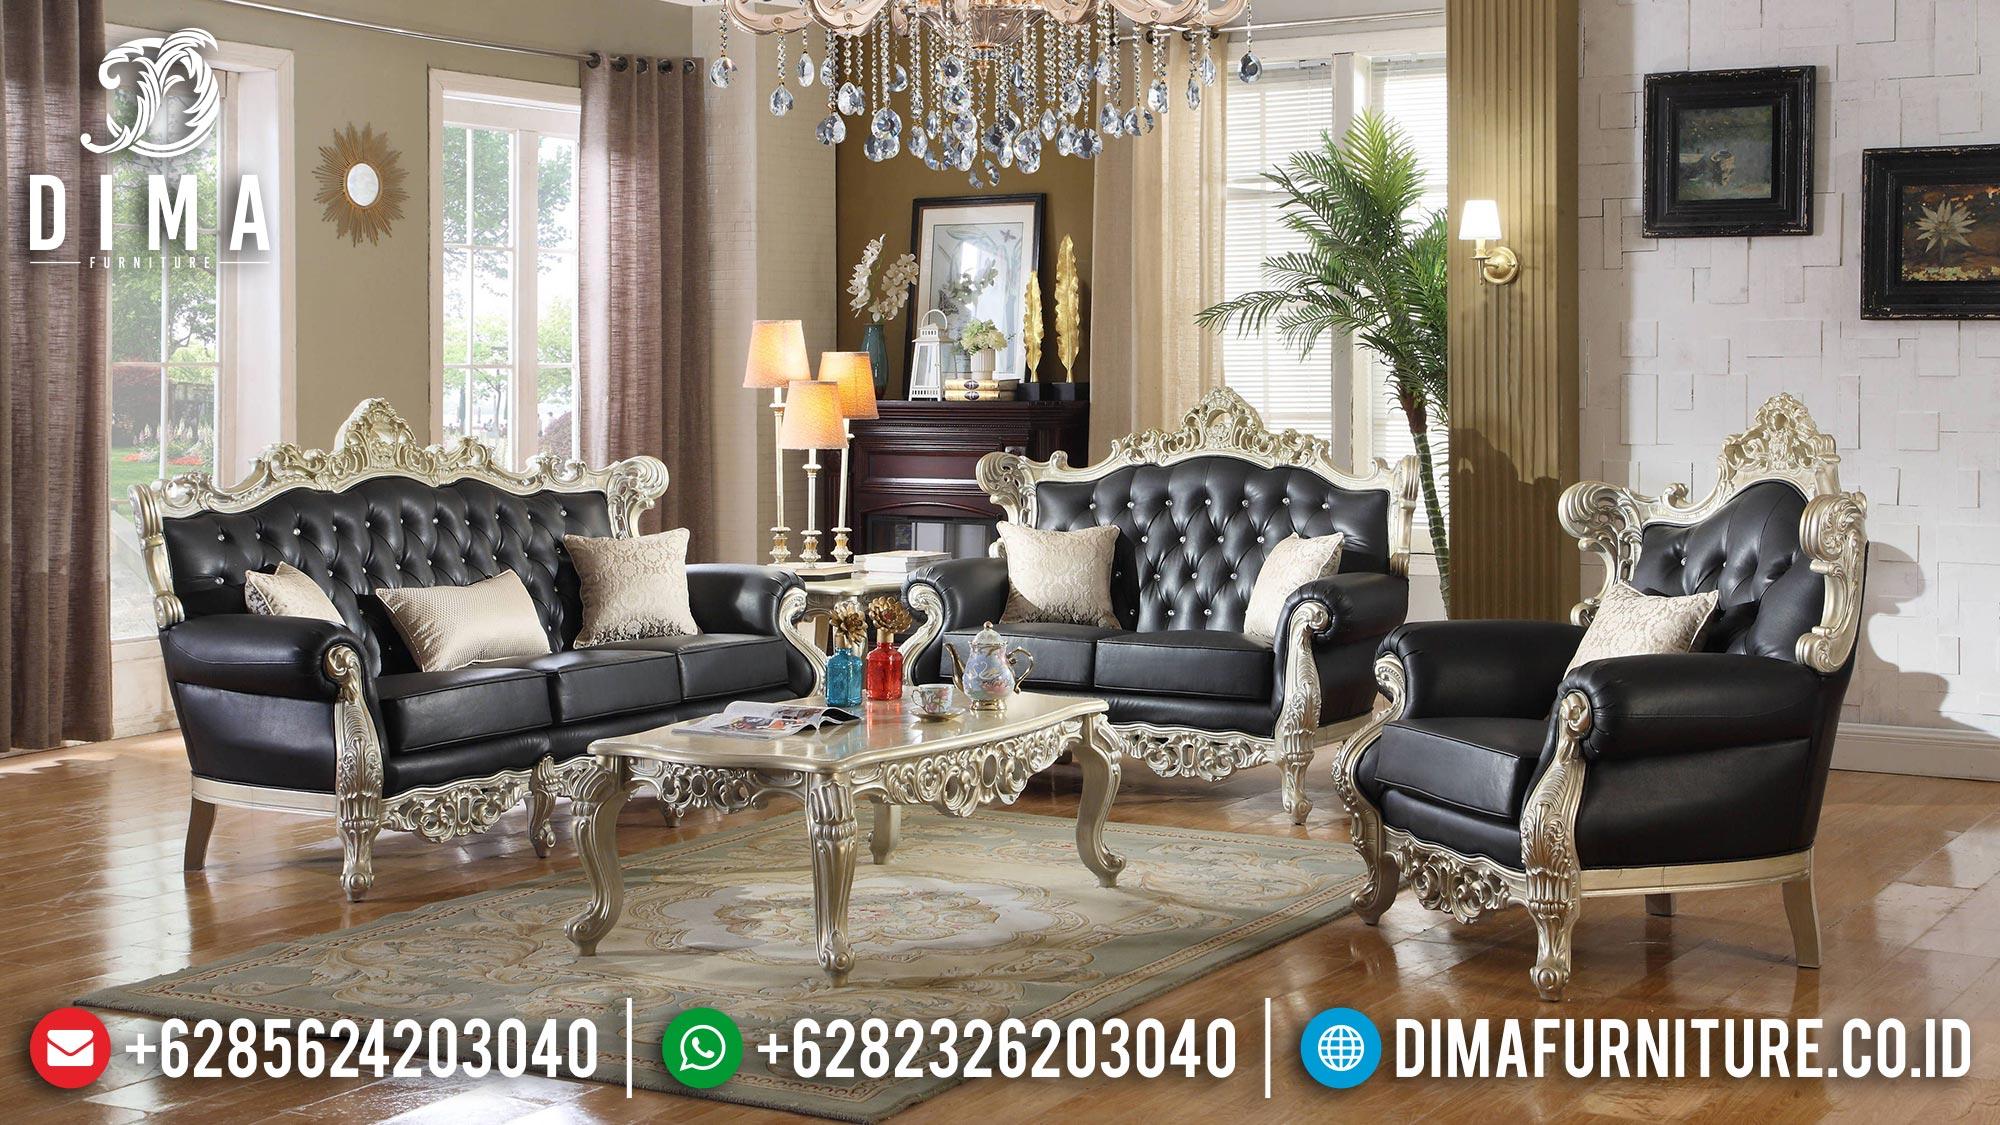 Jual New Sofa Tamu Mewah Jepara Luxury Style Furniture Jepara ST-1374